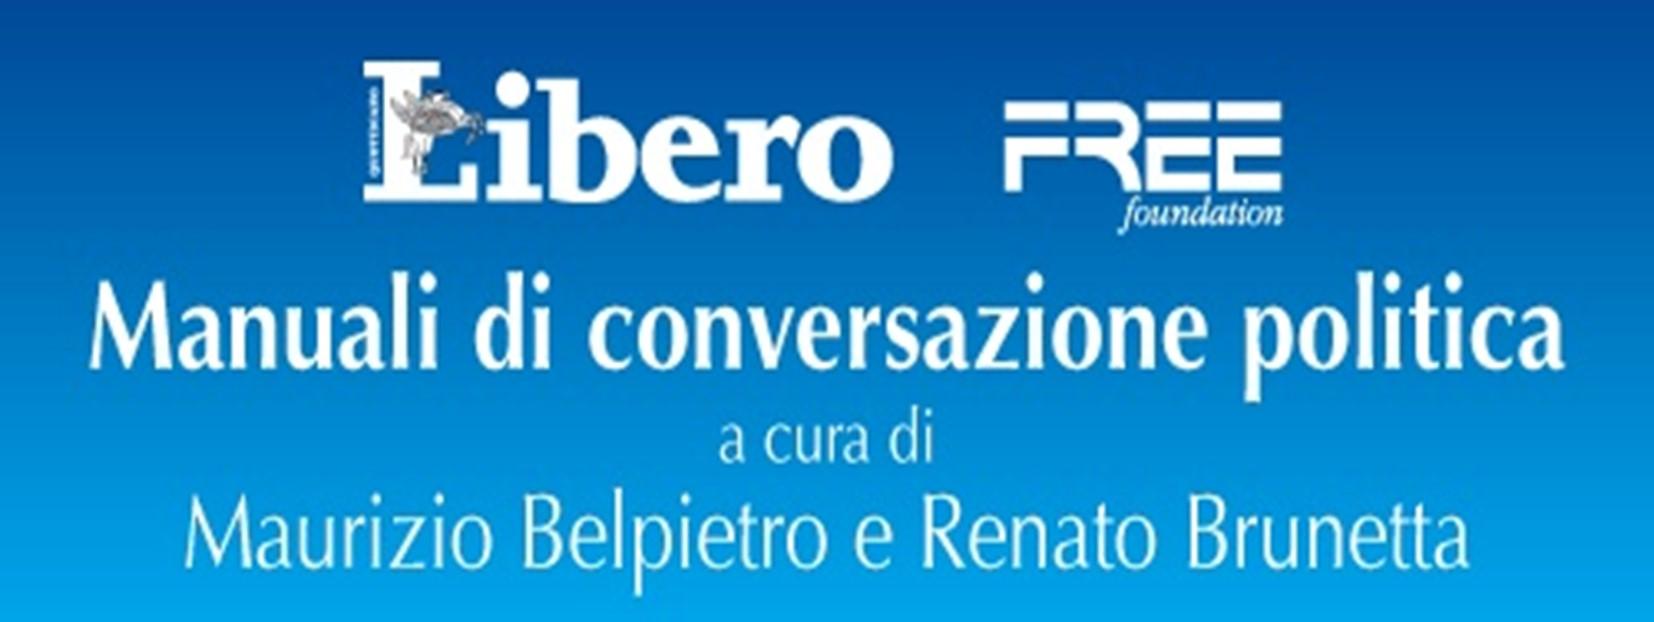 Logo Manuali di conversazione politica